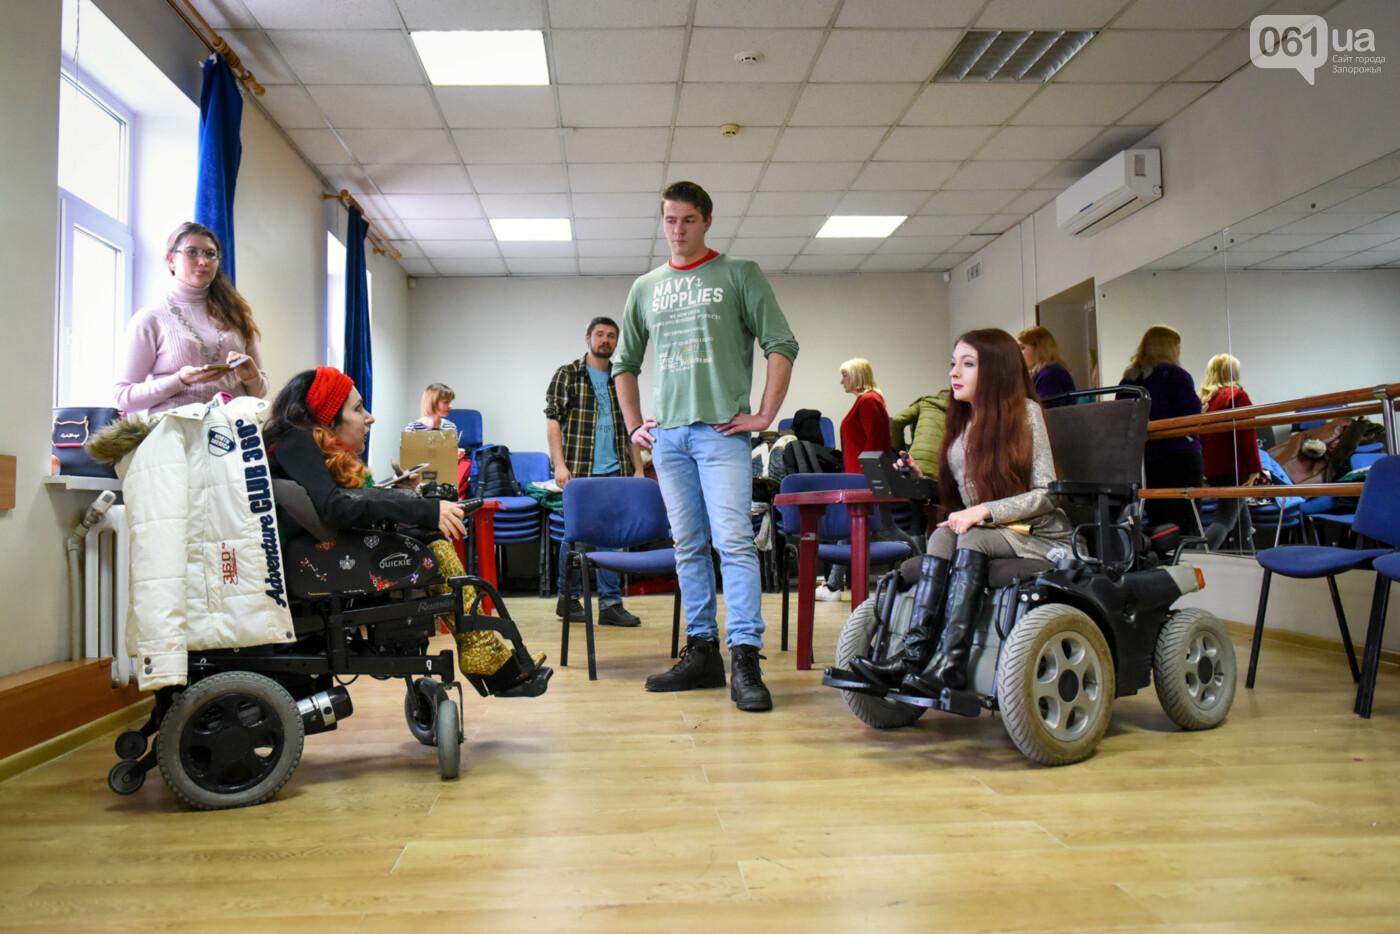 """Марианна с инвалидностью, которую не взяли на TV: """"Лет до 14 мне вообще было пофиг, что я не хожу"""", фото-2"""